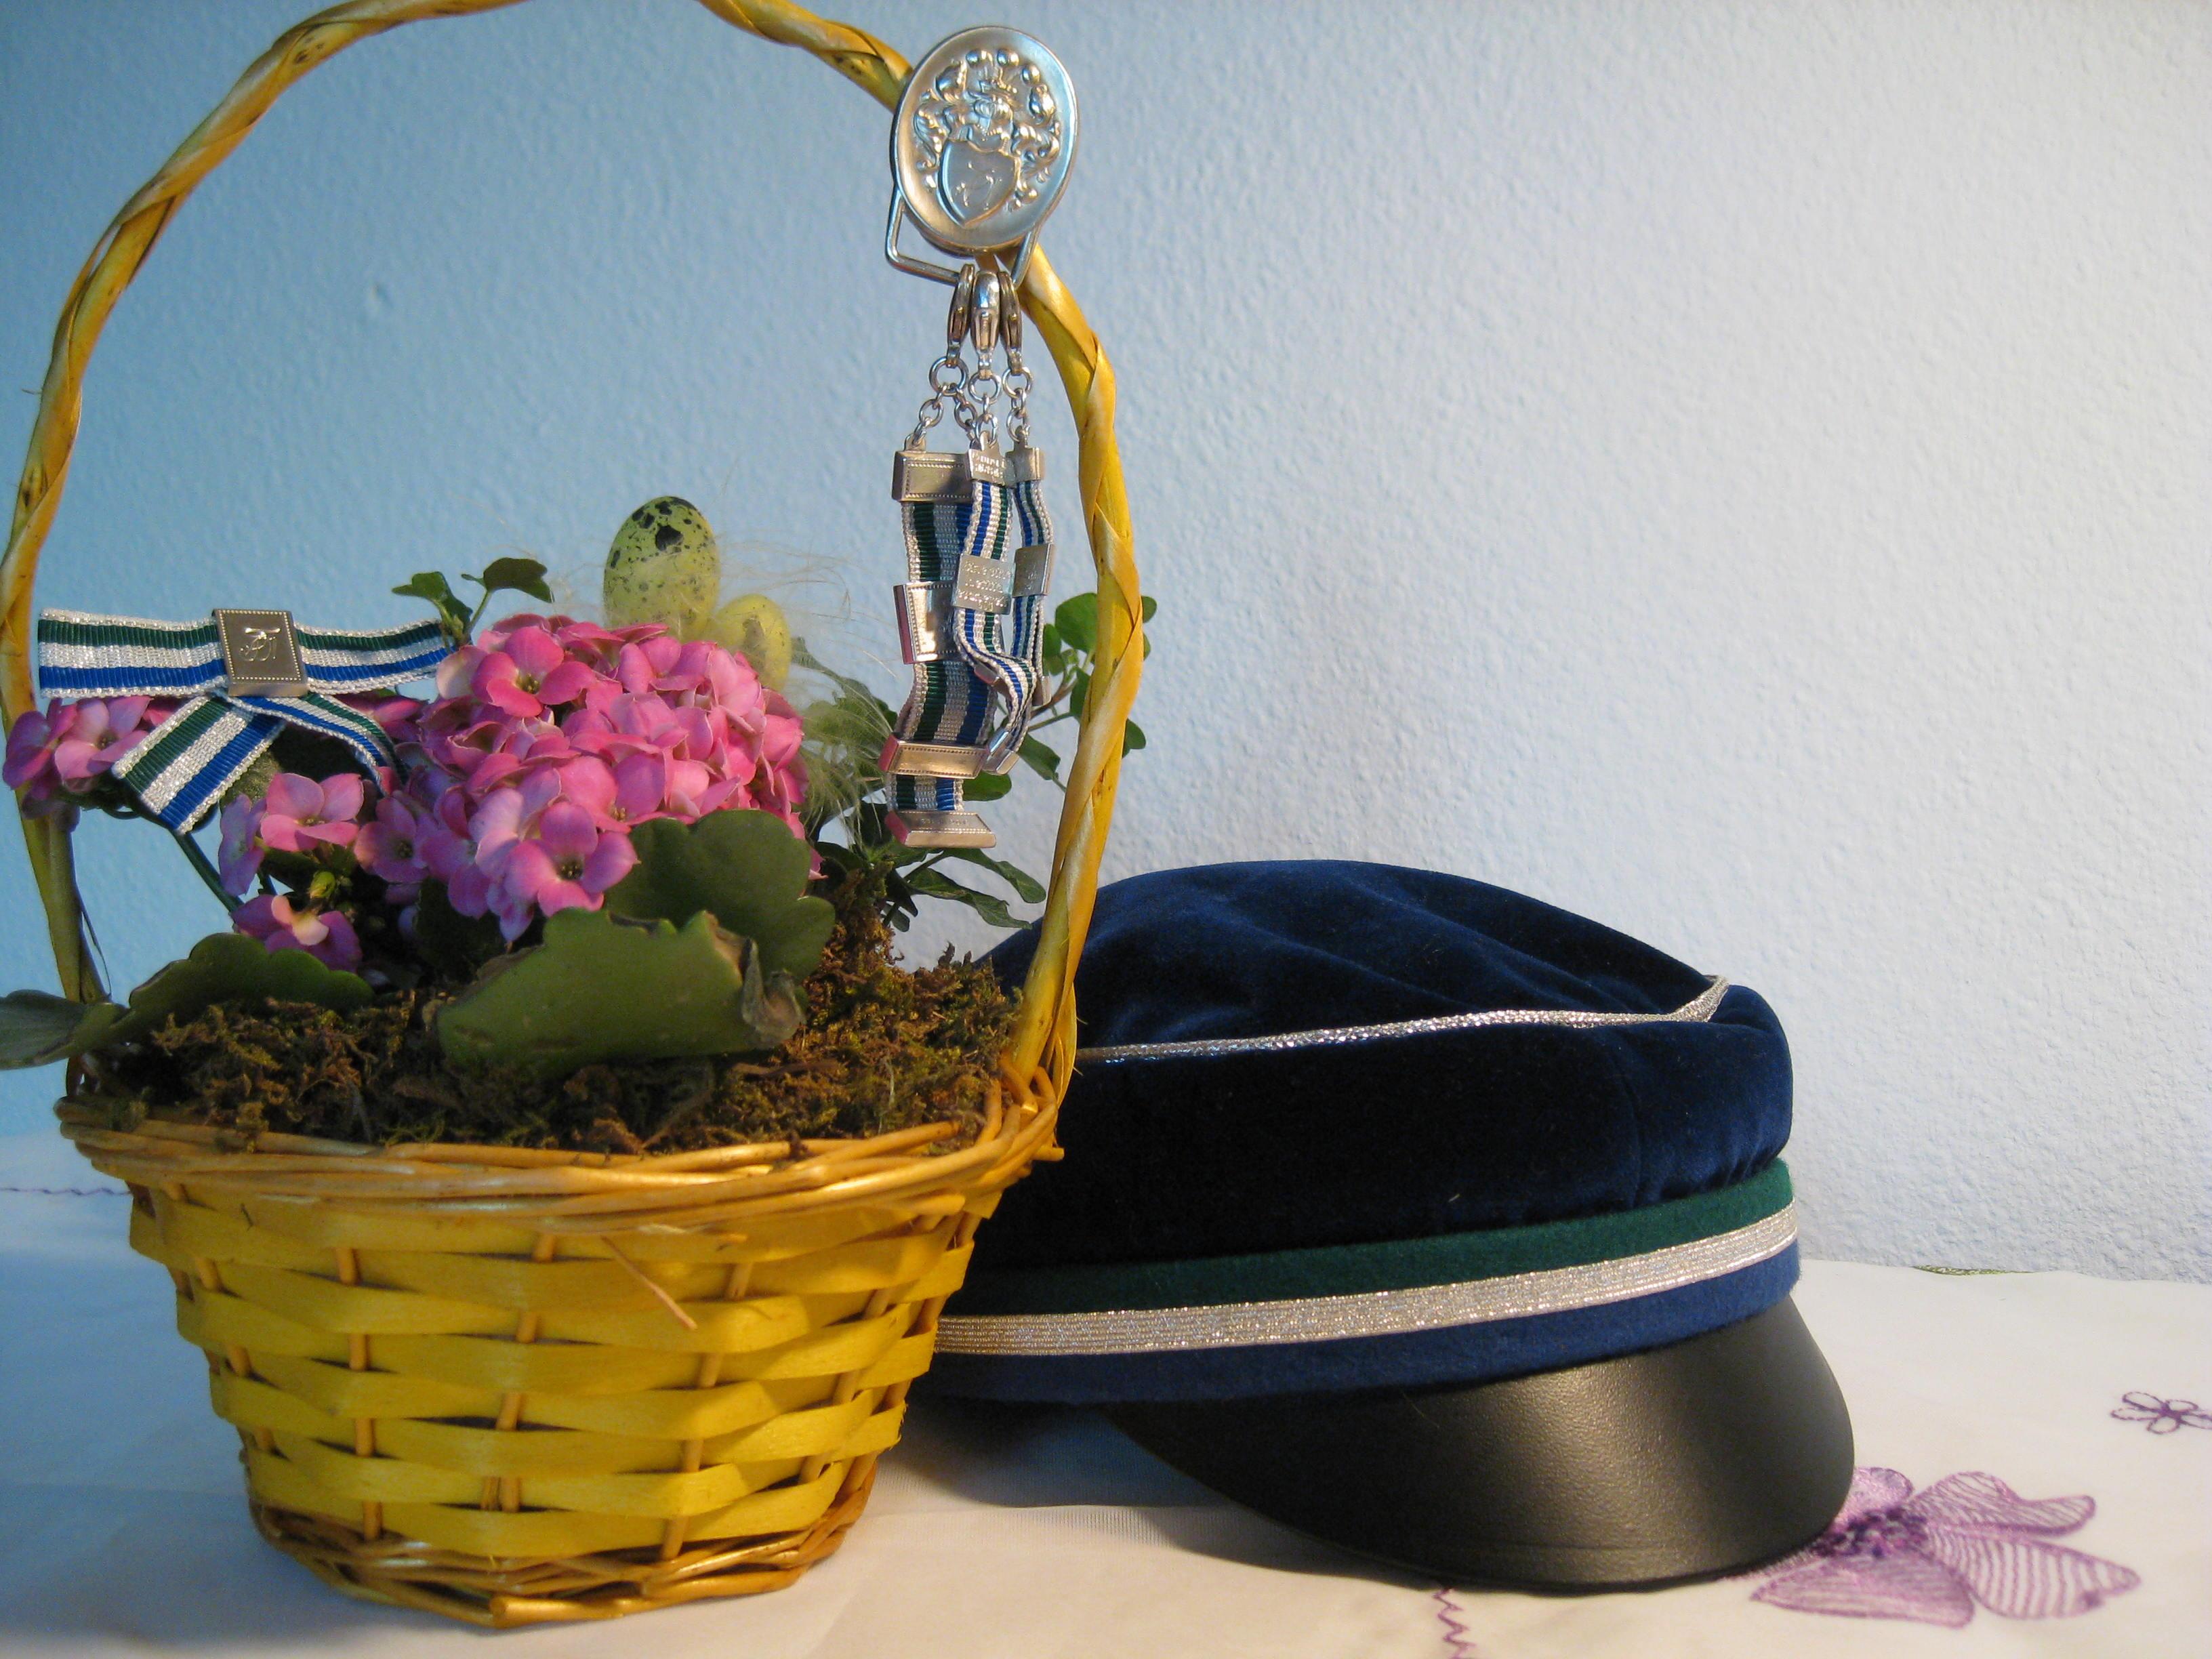 Mütze und Zipfel blumig in Szene gesetzt